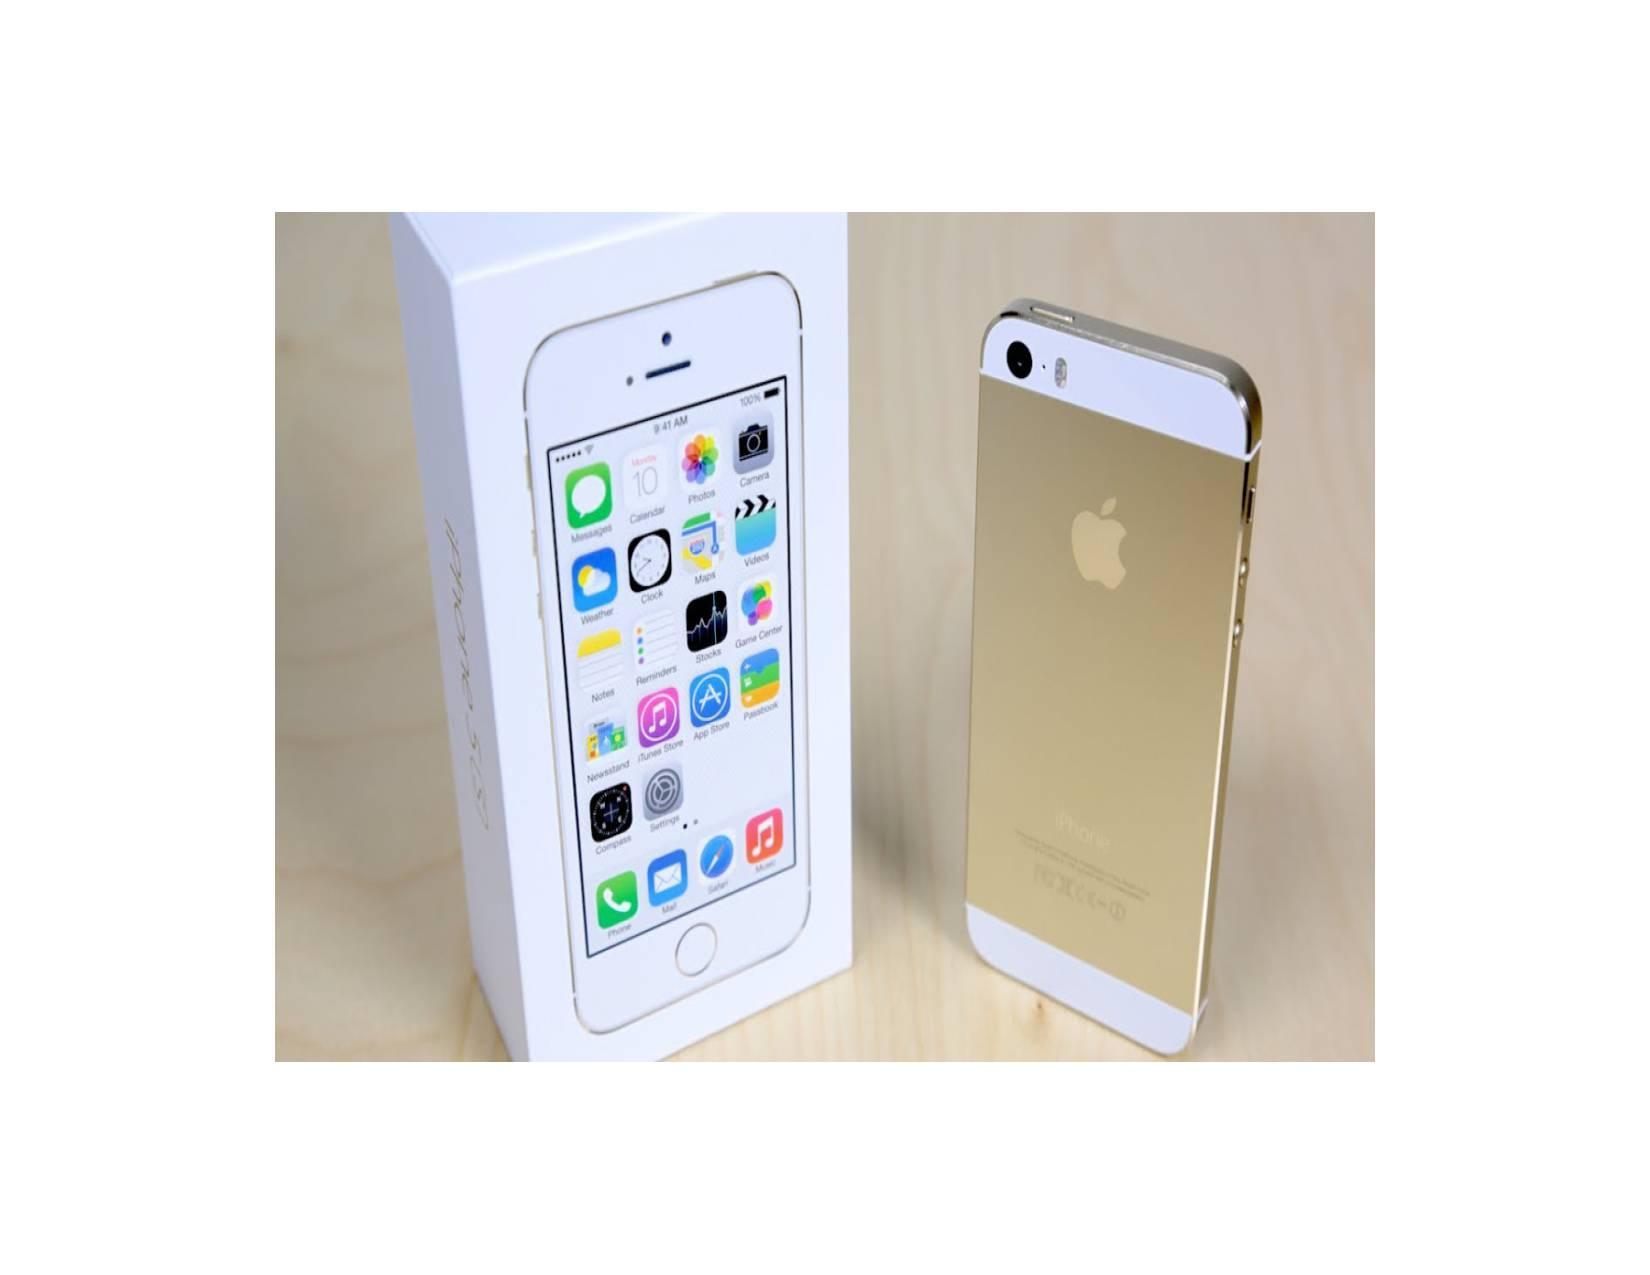 iphone 5s Super Copy NEW Barang Baru. Hanya 1,25 Juta